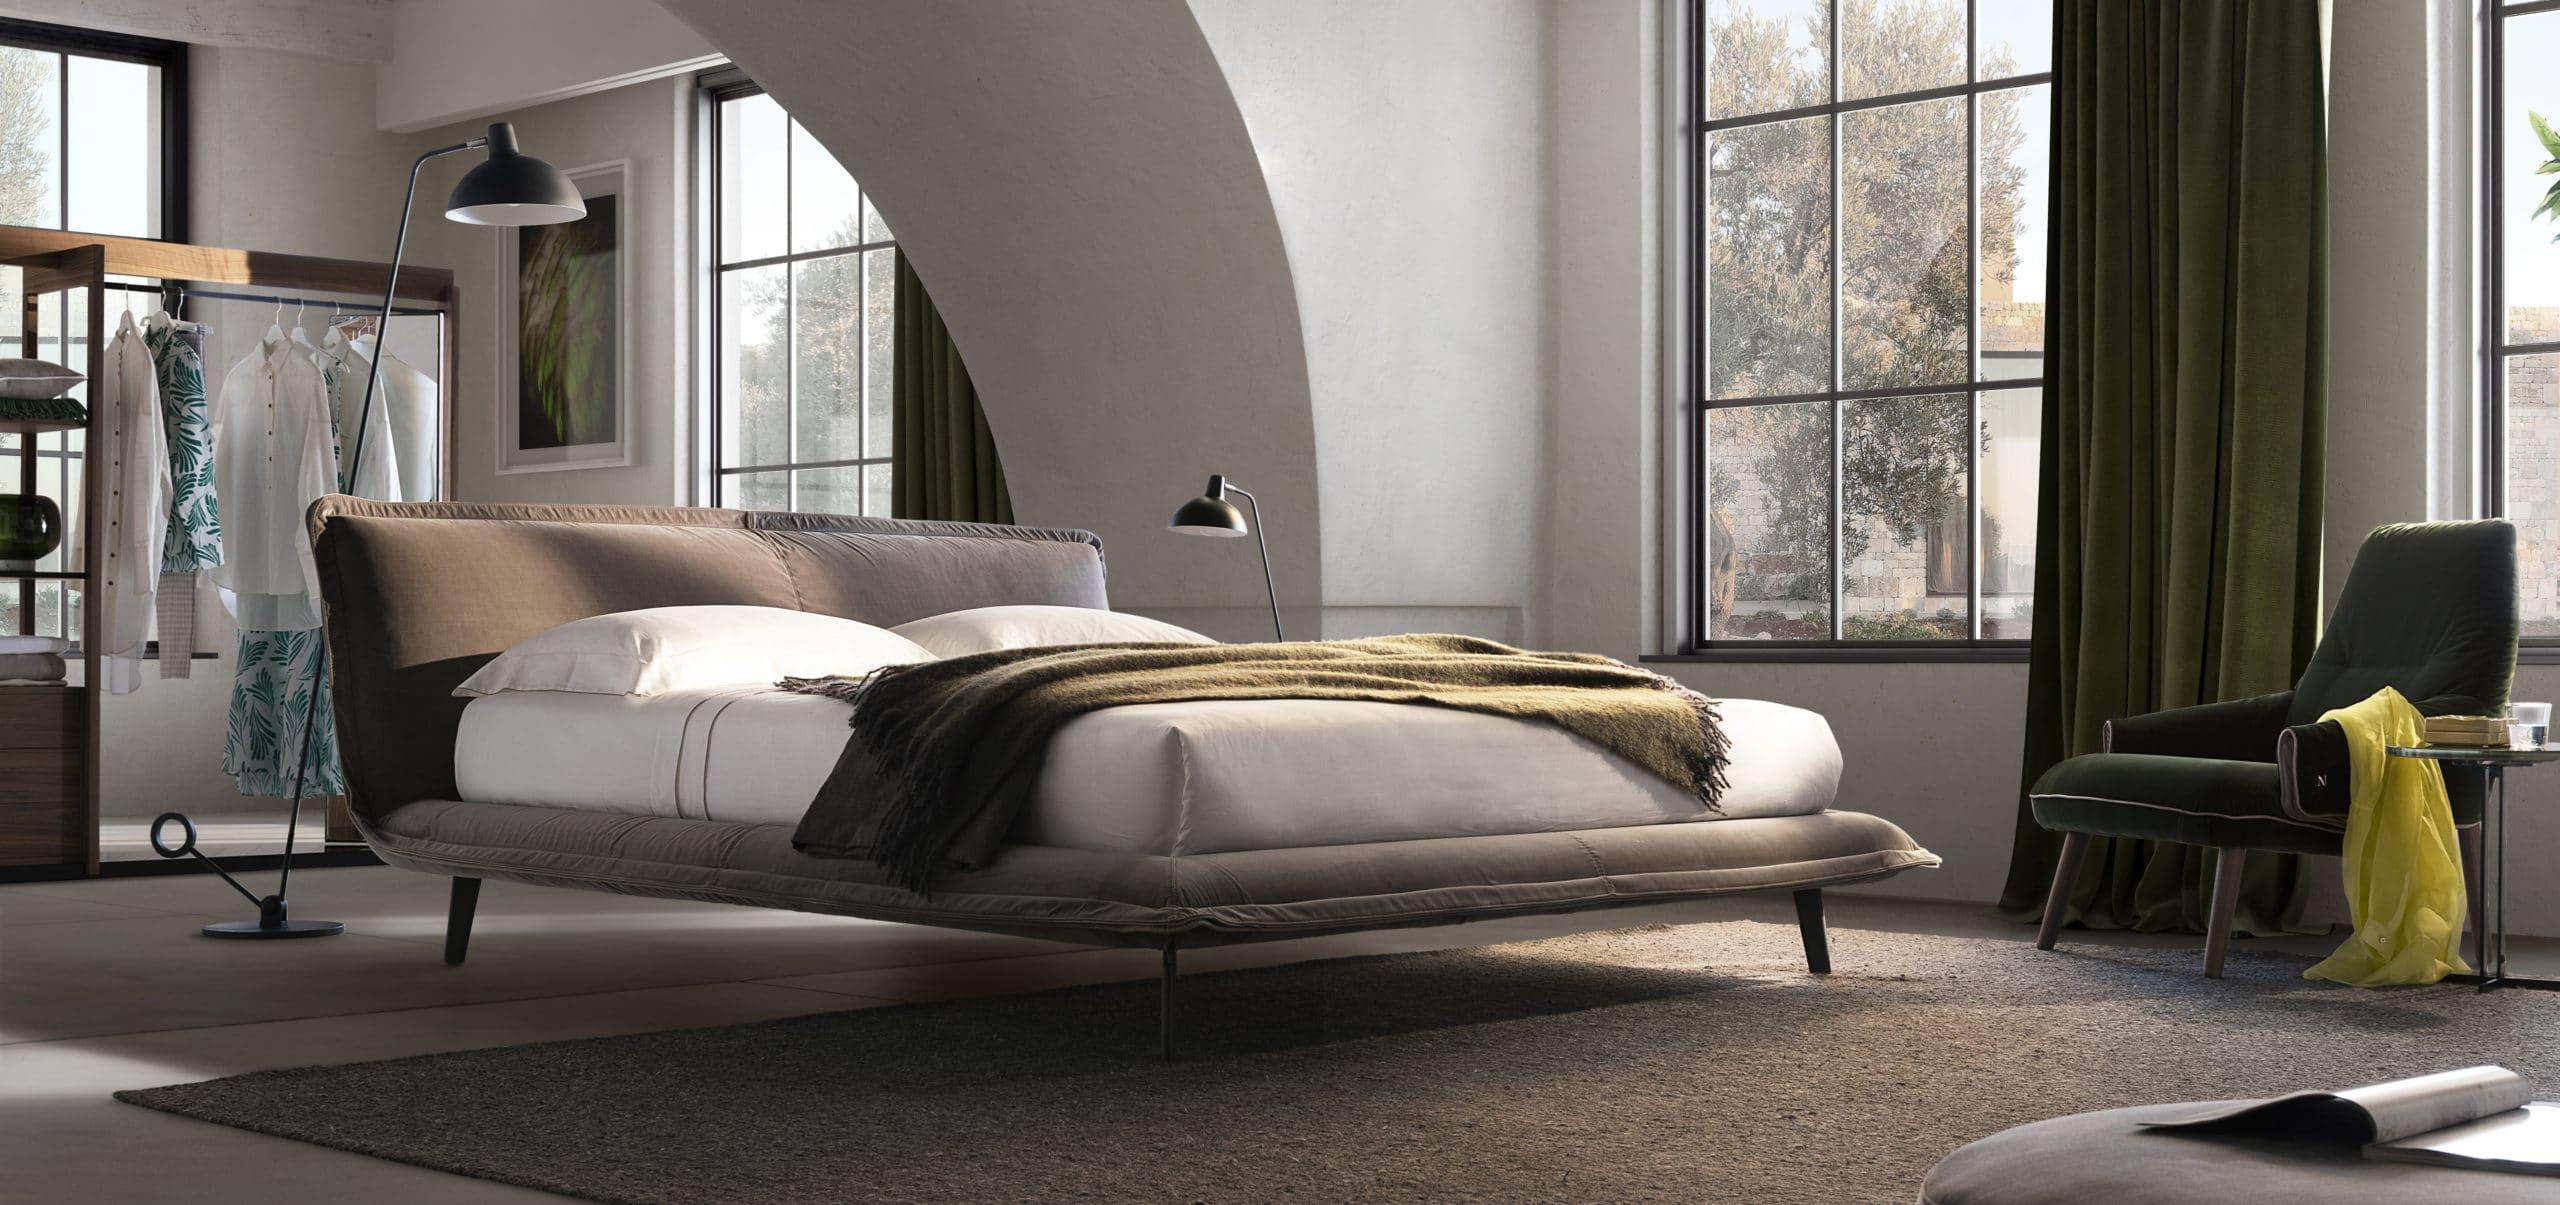 Piuma Bed by Natuzzi Italia